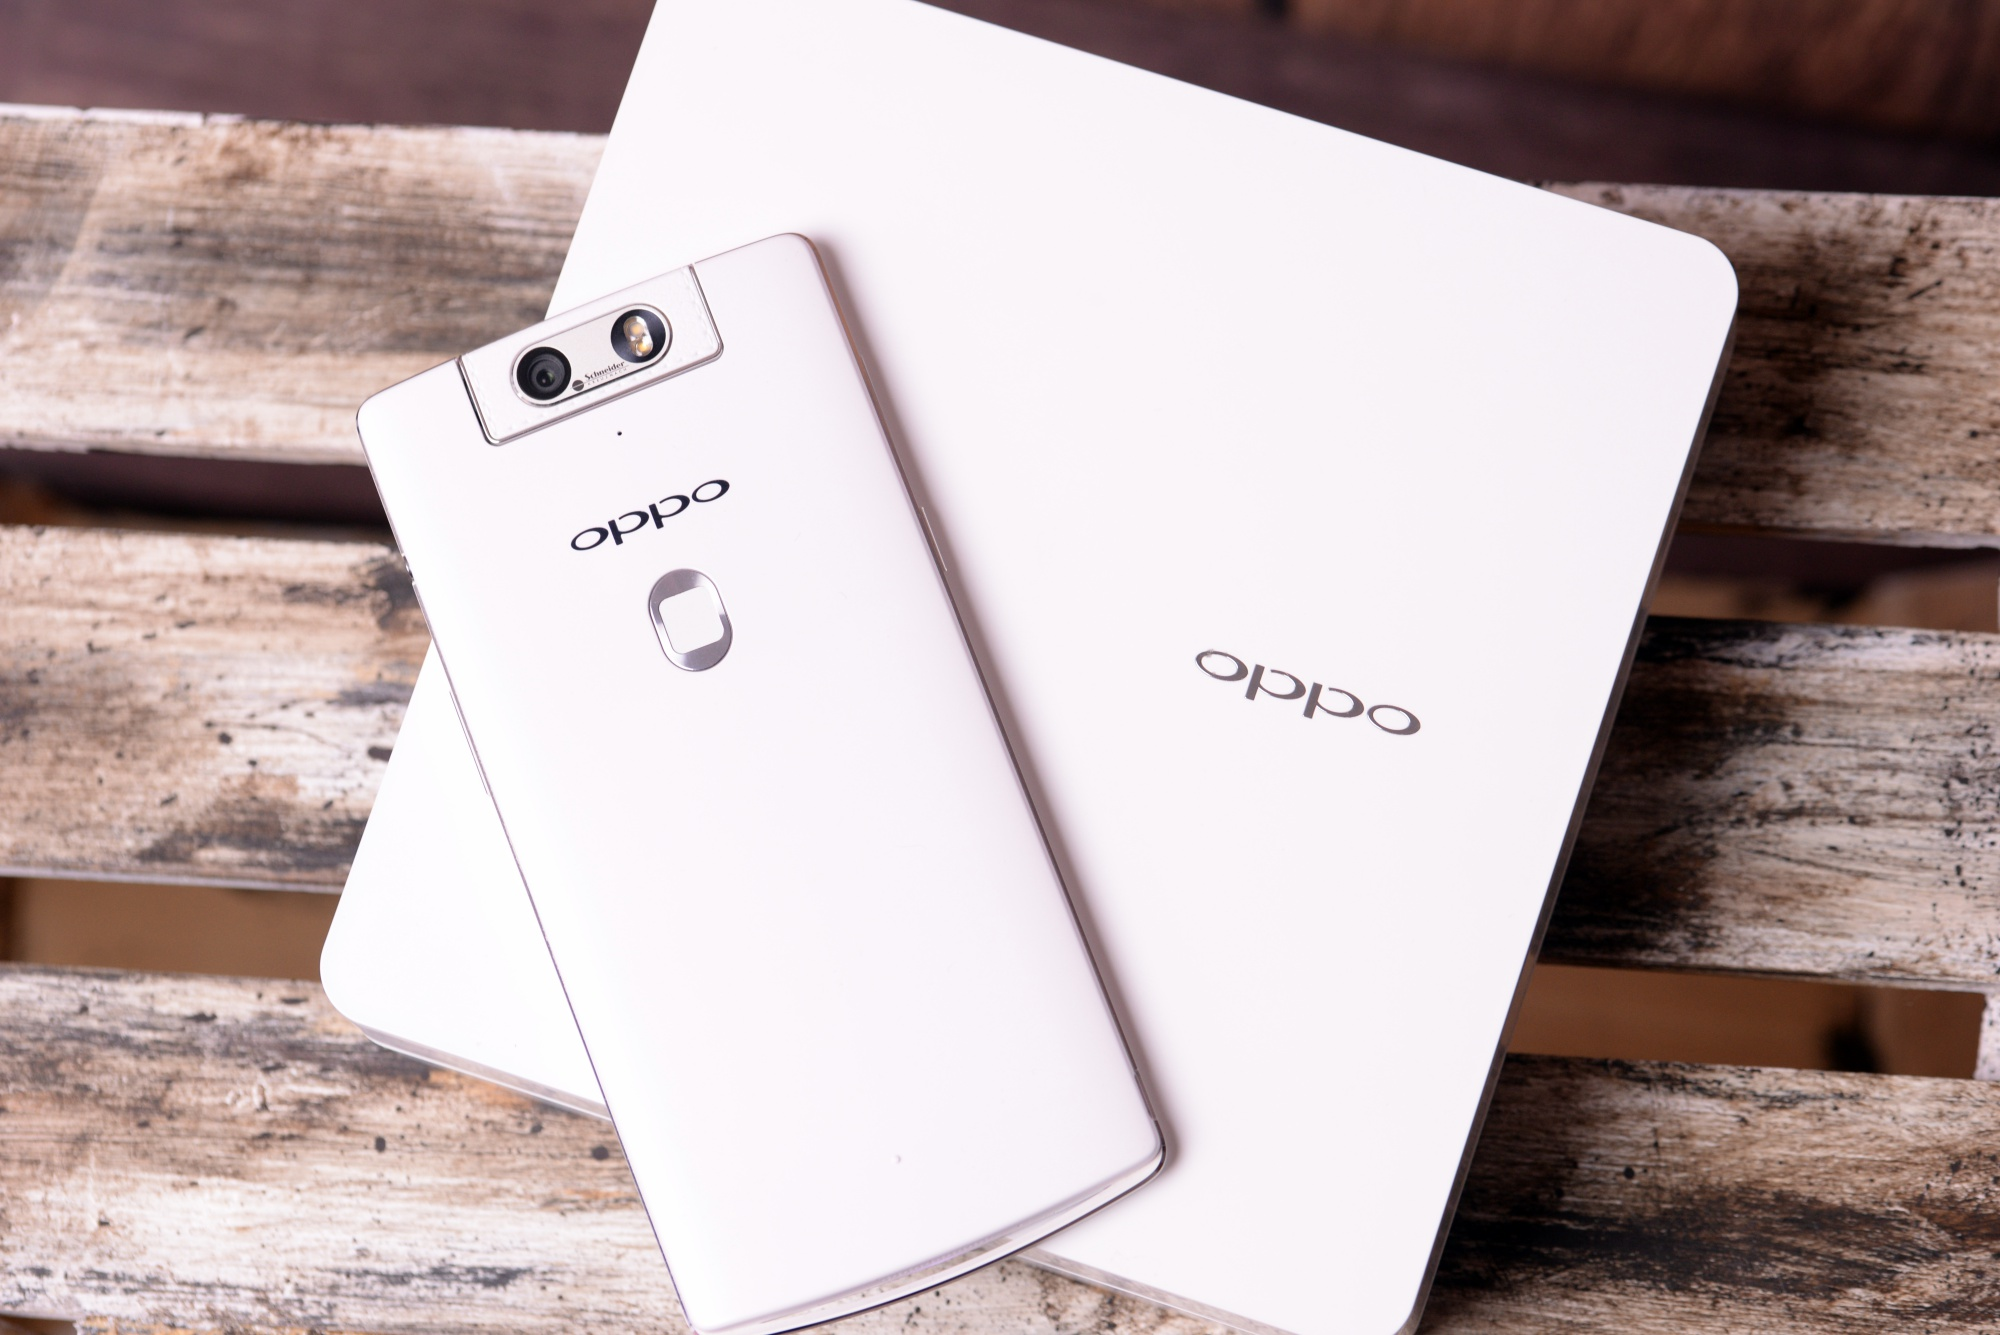 Smartfon, który krzyczy o swojej wyjątkowości. Oppo N3 – recenzja Spider's Web